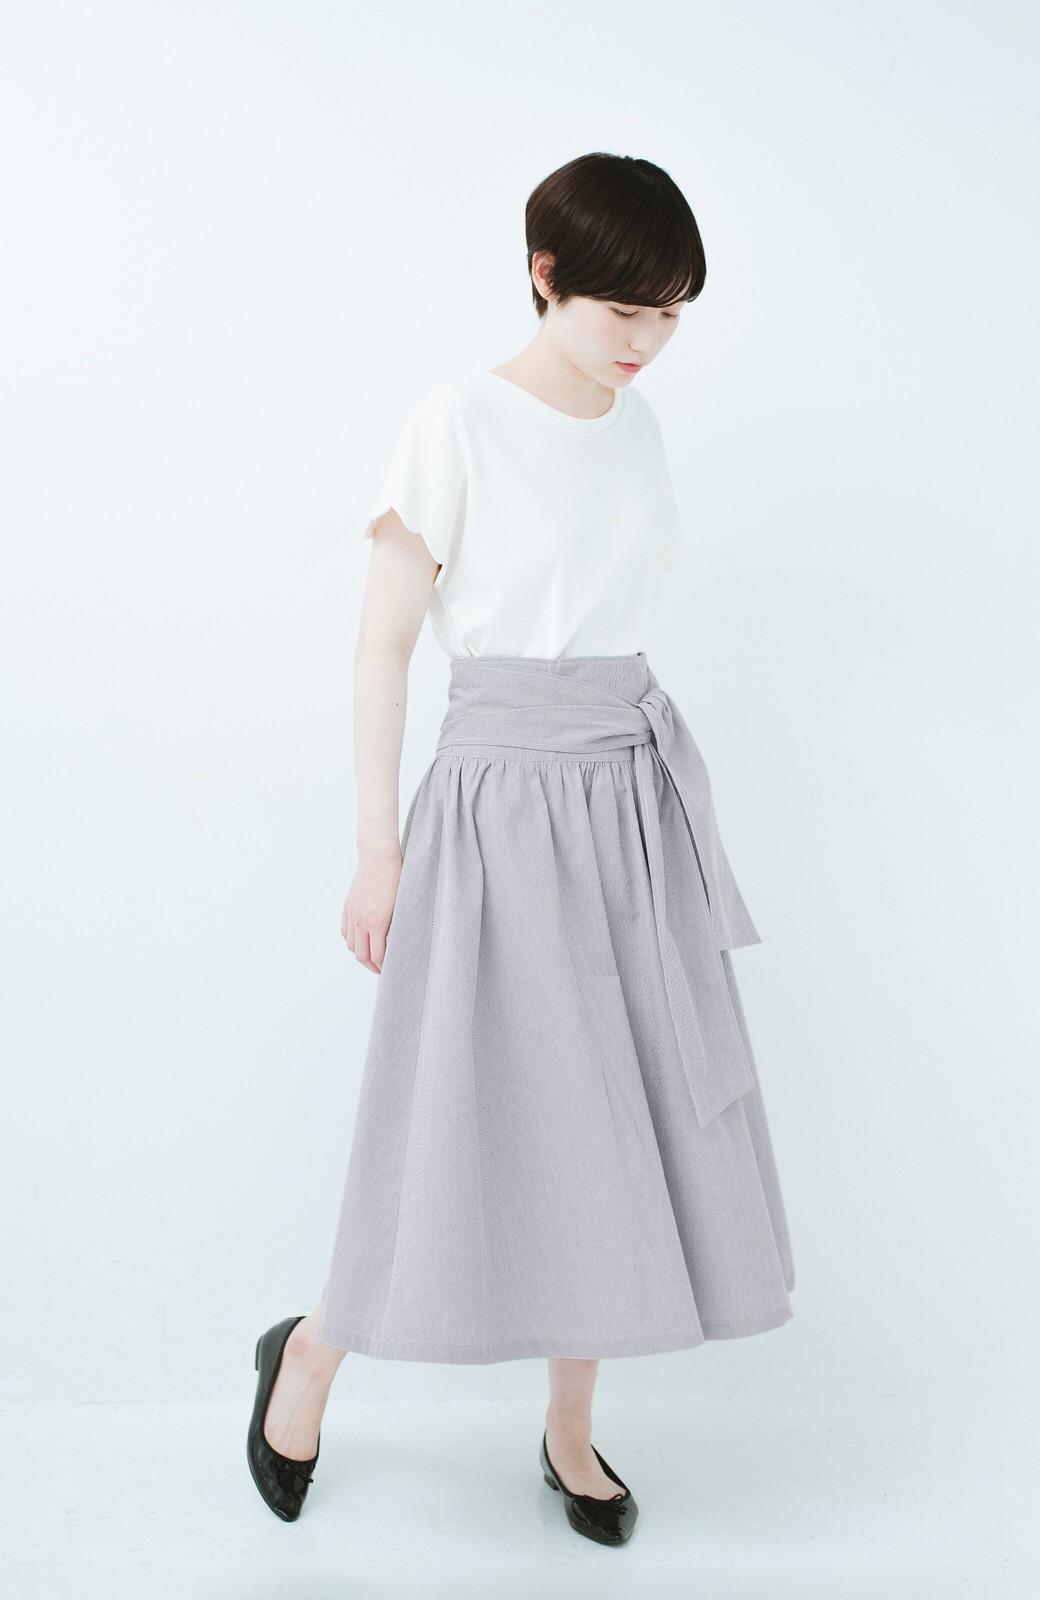 haco! Tシャツと合わせるだけでも女っぽが叶う ウエストリボンのストライプフレアースカート <ブラック系その他>の商品写真9